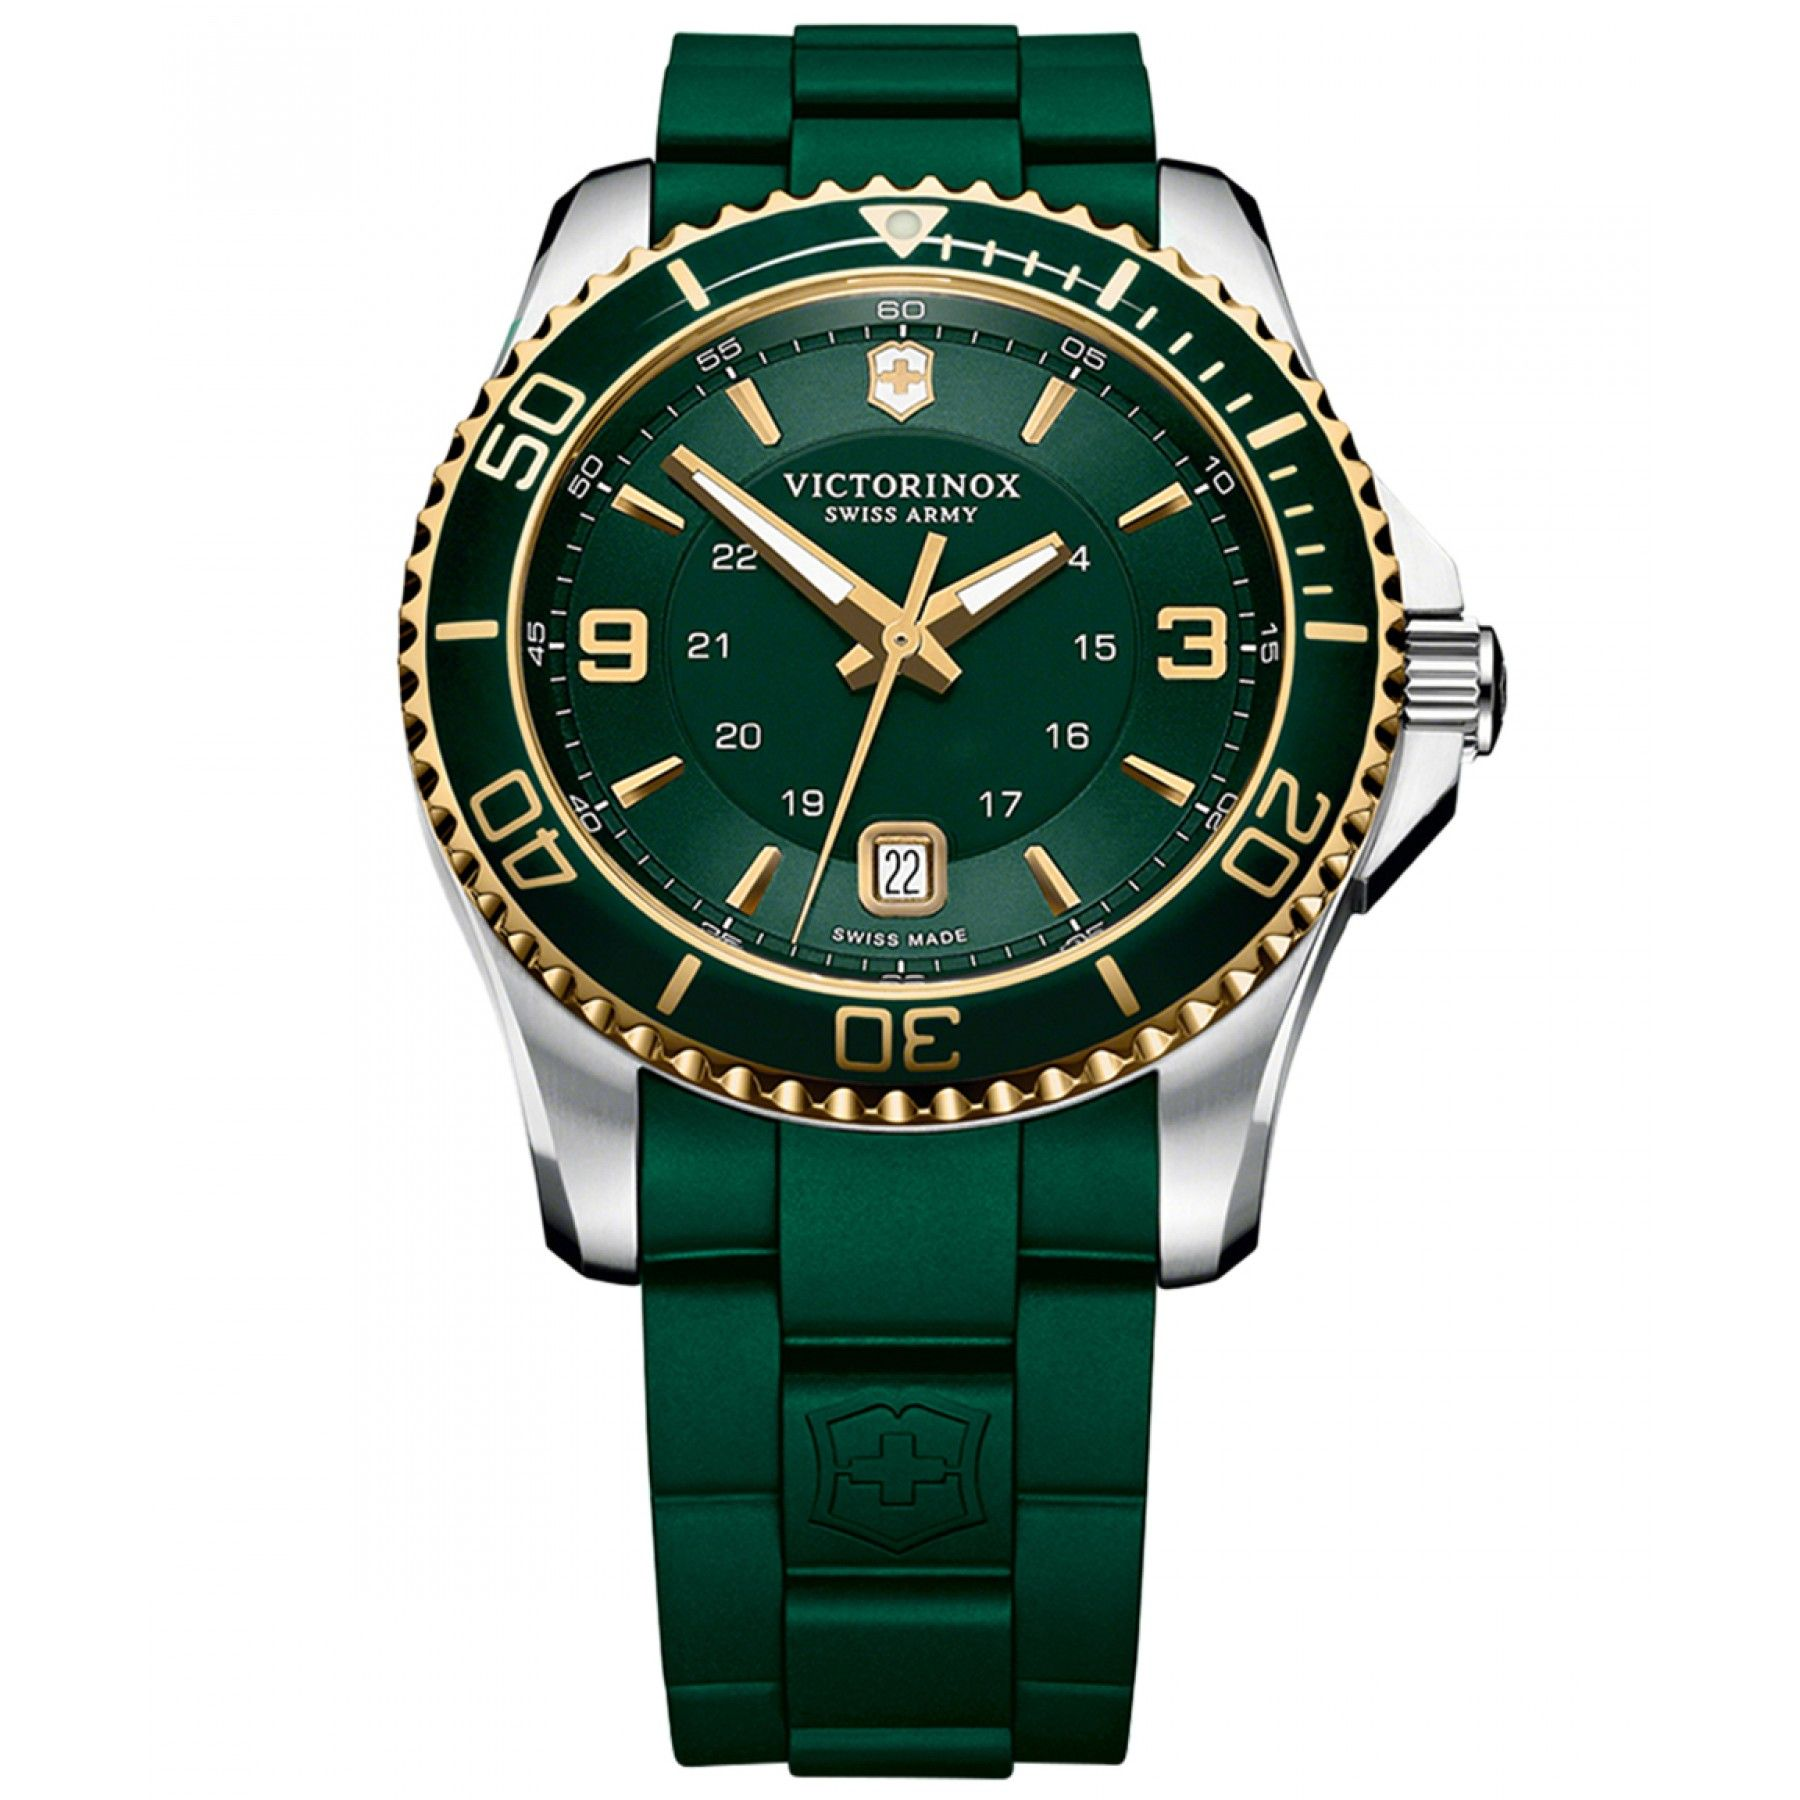 Reloj Victorinox Swiss Army de caja y bisel de acero inoxidable extensible  tipo correa de caucho fbd3f3e0ff79